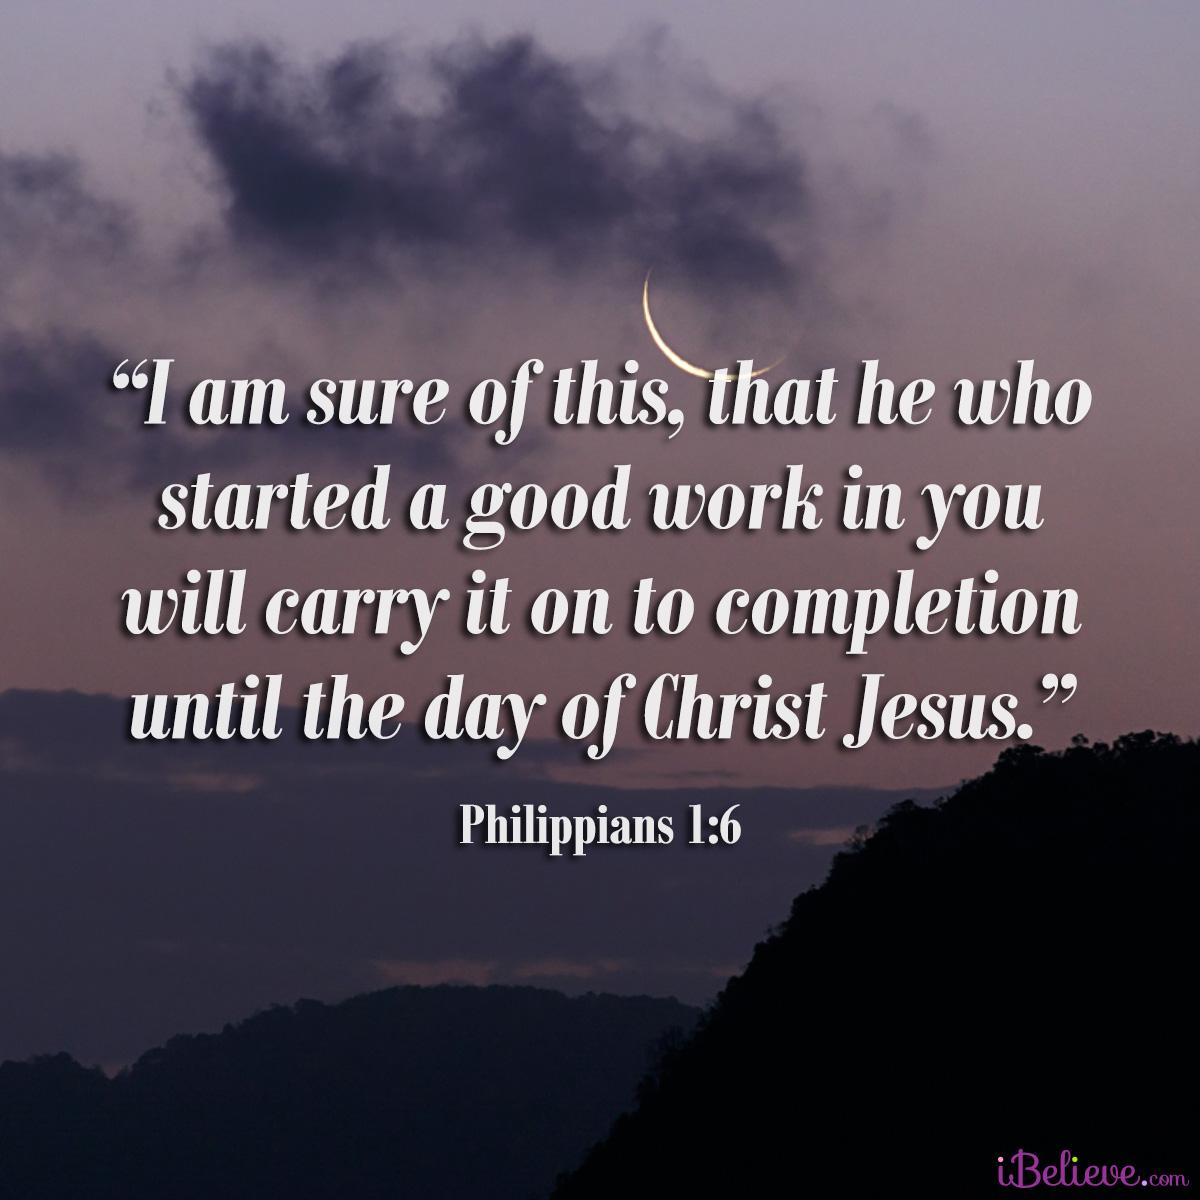 Philippians 1:6 square